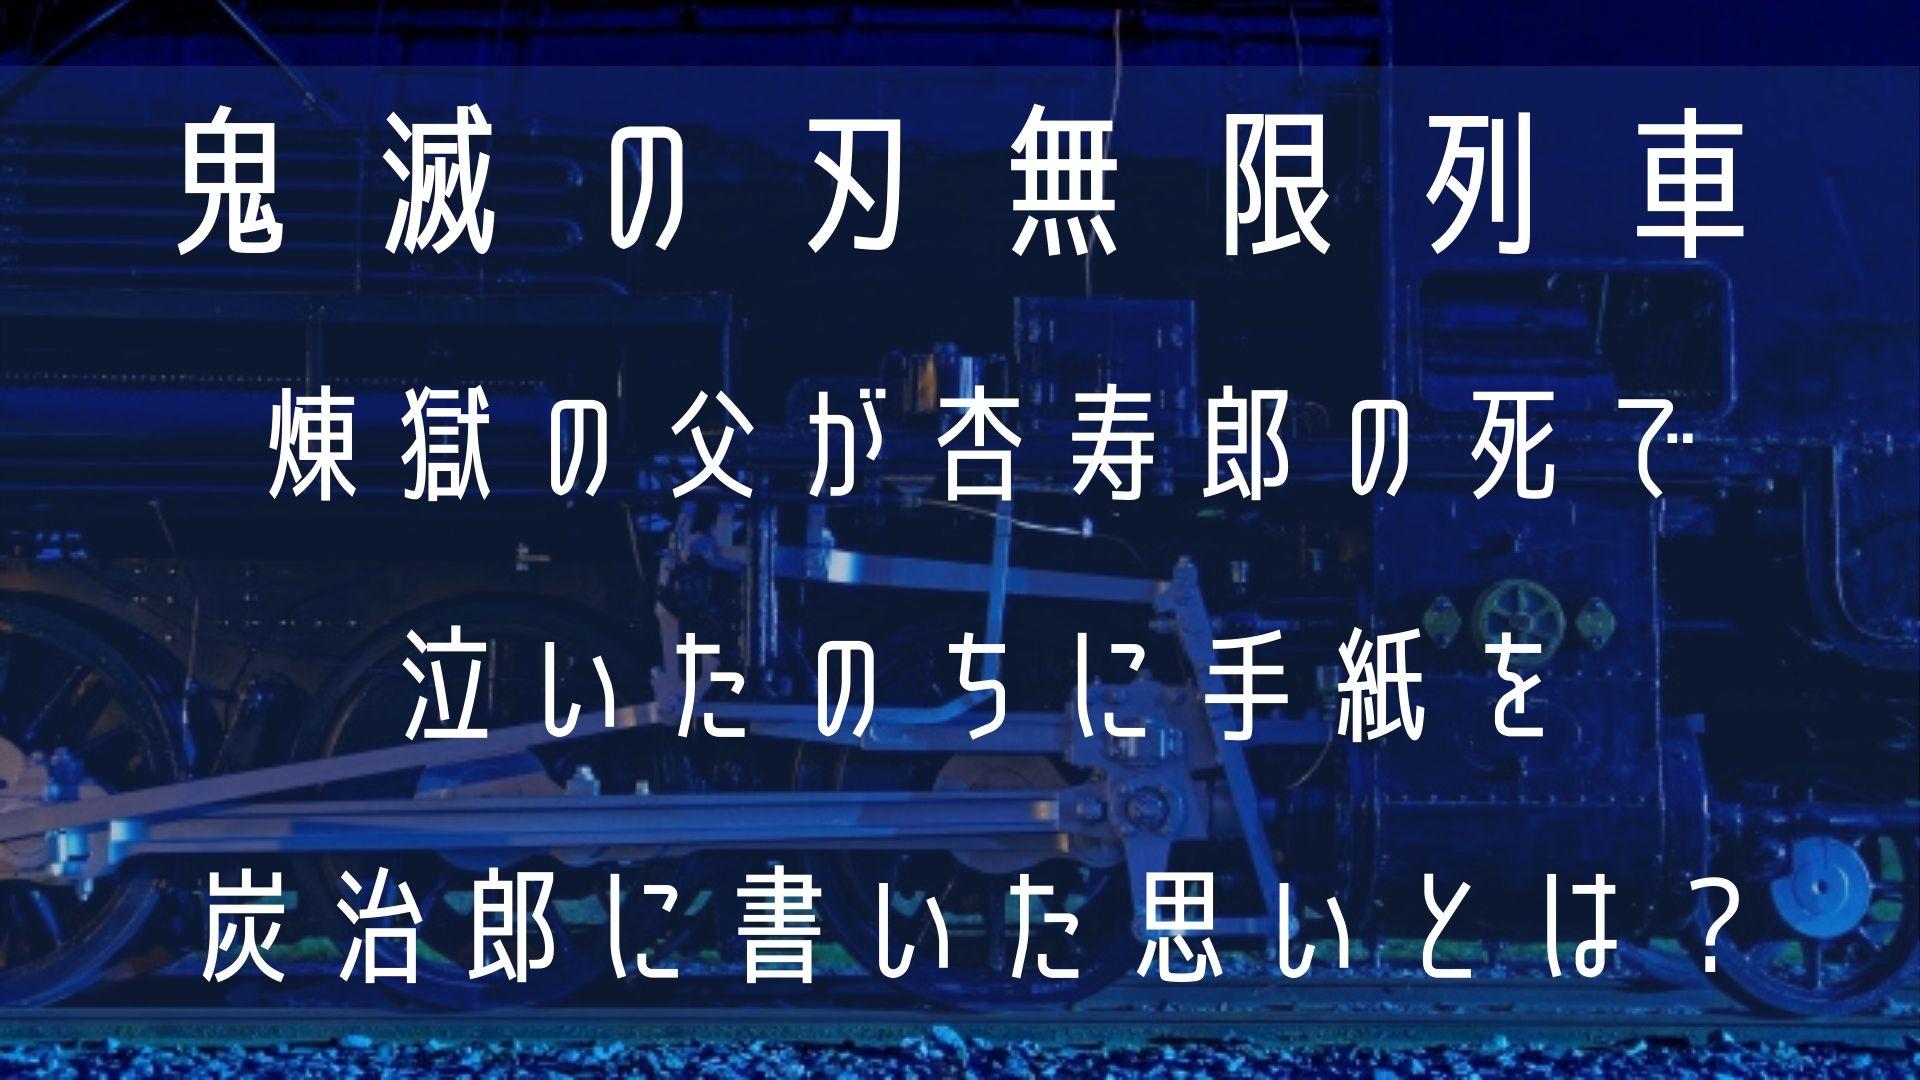 煉獄の父が杏寿郎の死で泣いたのちに手紙を炭治郎に書いた思いとは?